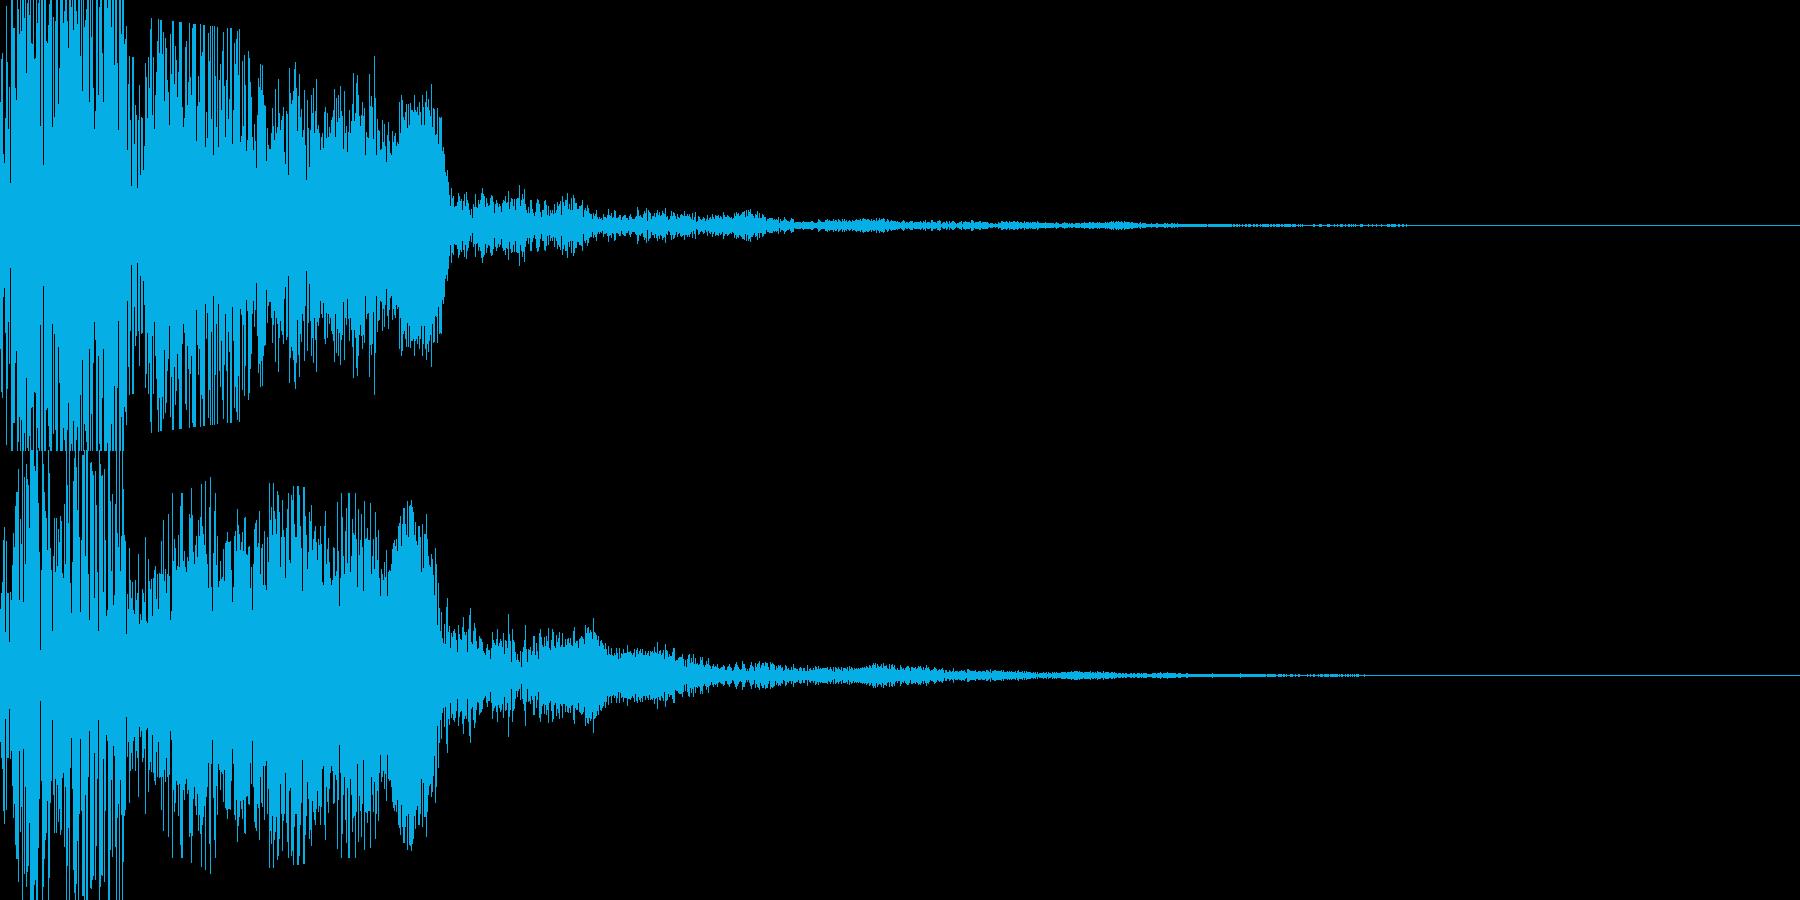 キラキラしたボタン音の再生済みの波形